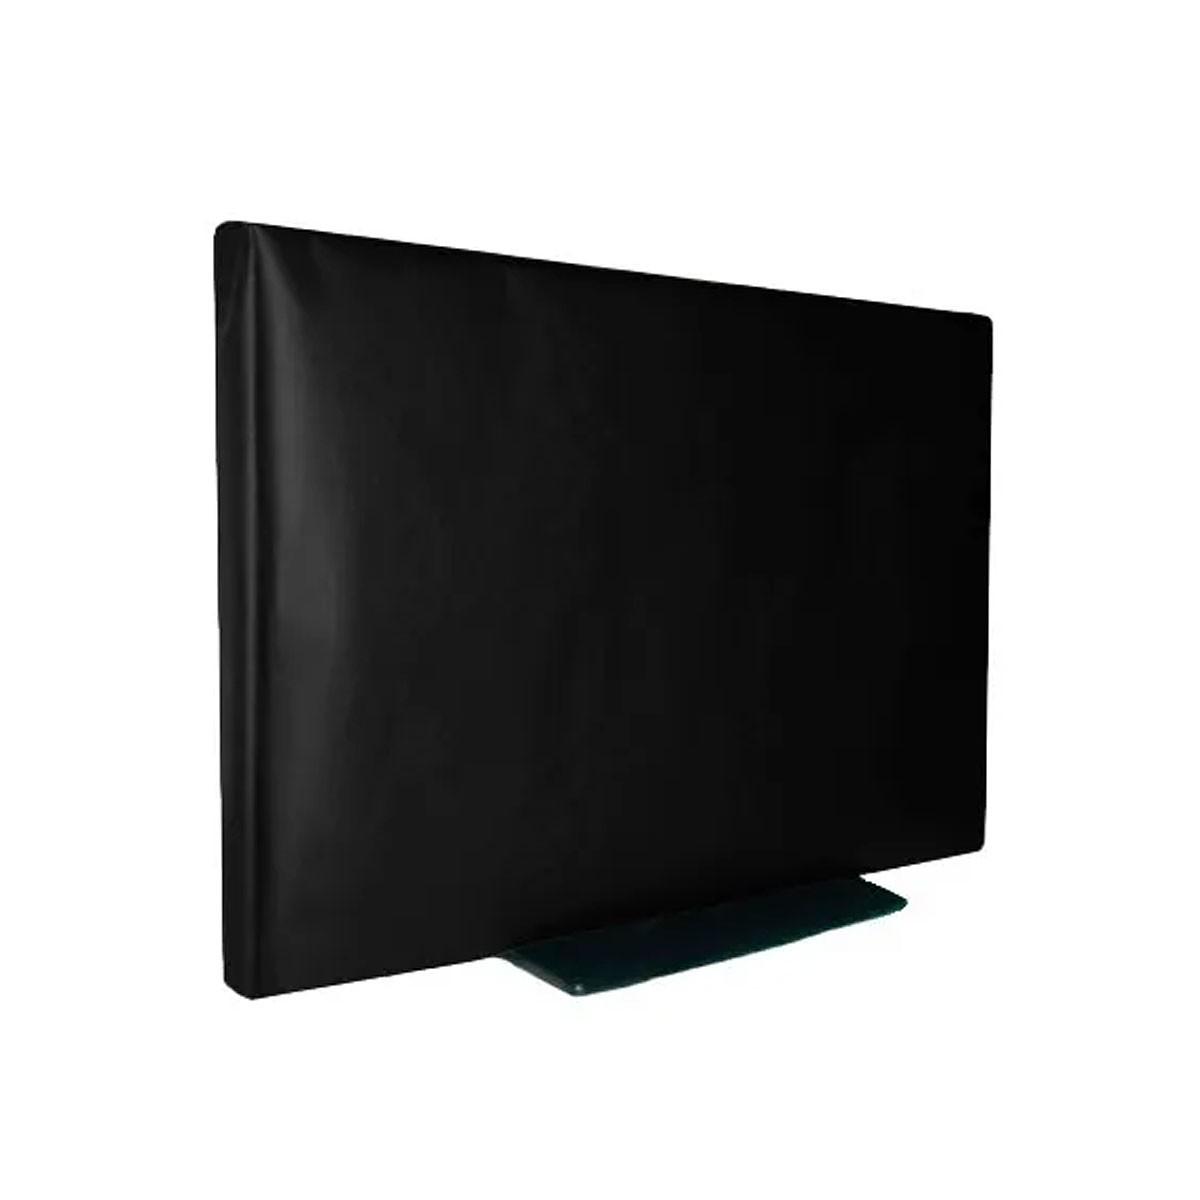 Capa Tv Lcd 47 Em Corino Com Velcro Não Sai Com O Vento